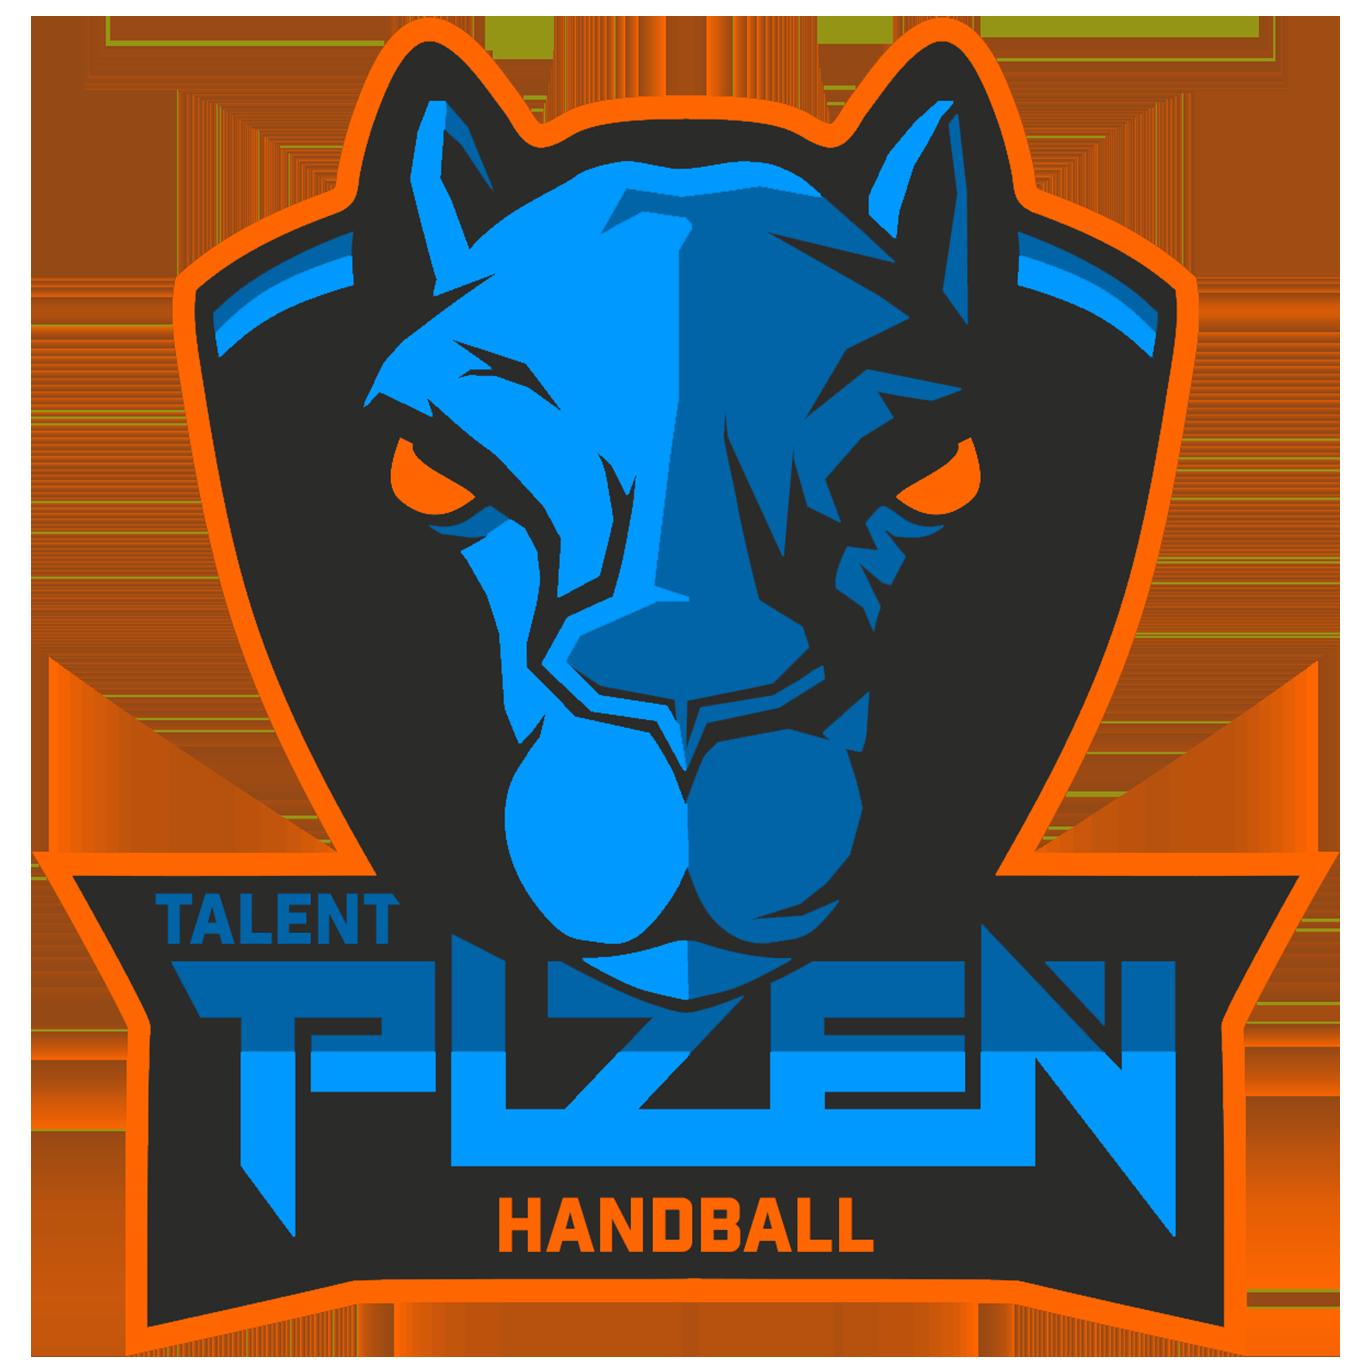 Talent Plzeň Handball